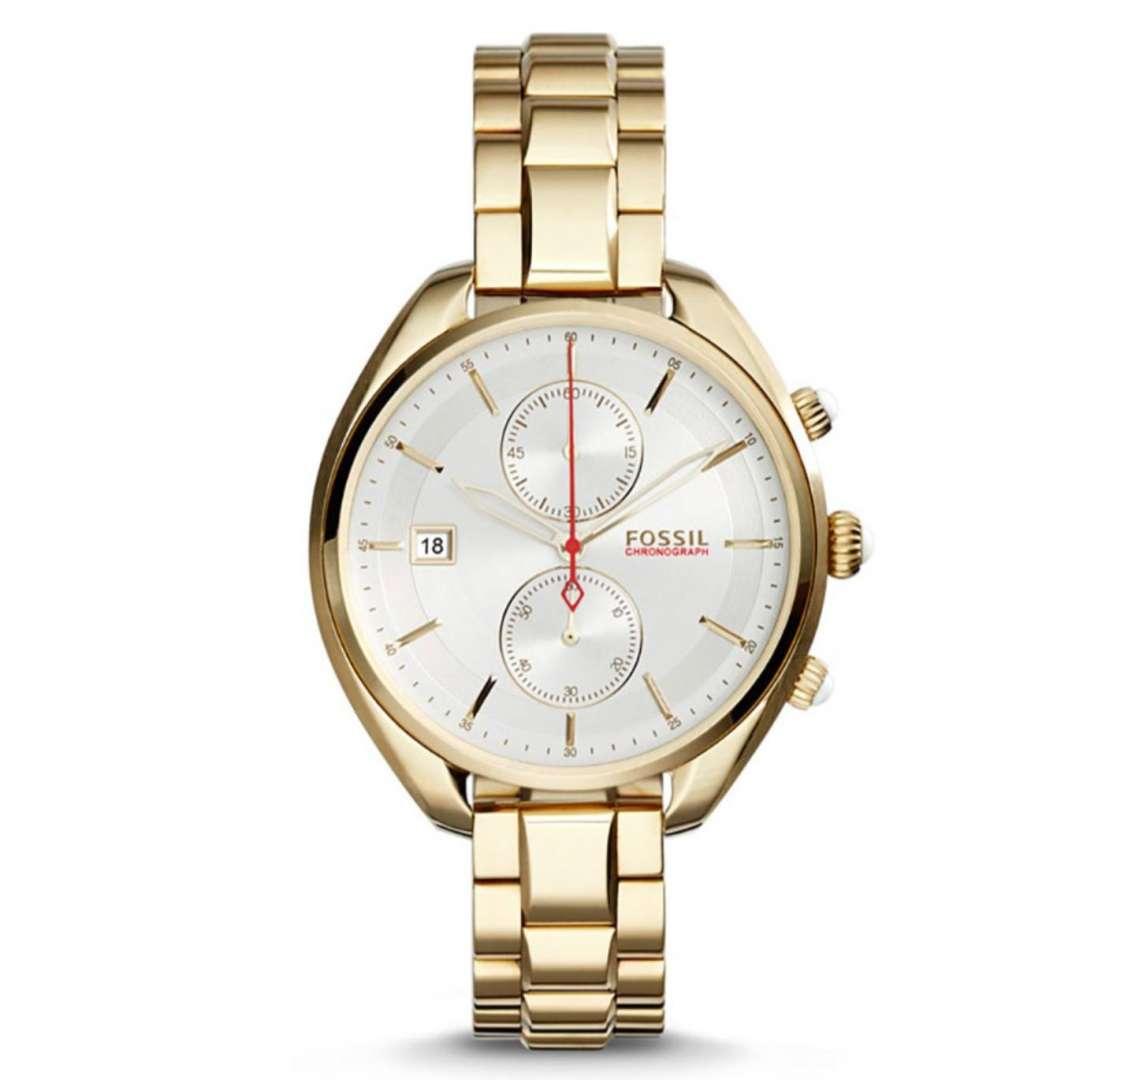 שעון יד אנלוגי fossil ch2976 פוסיל